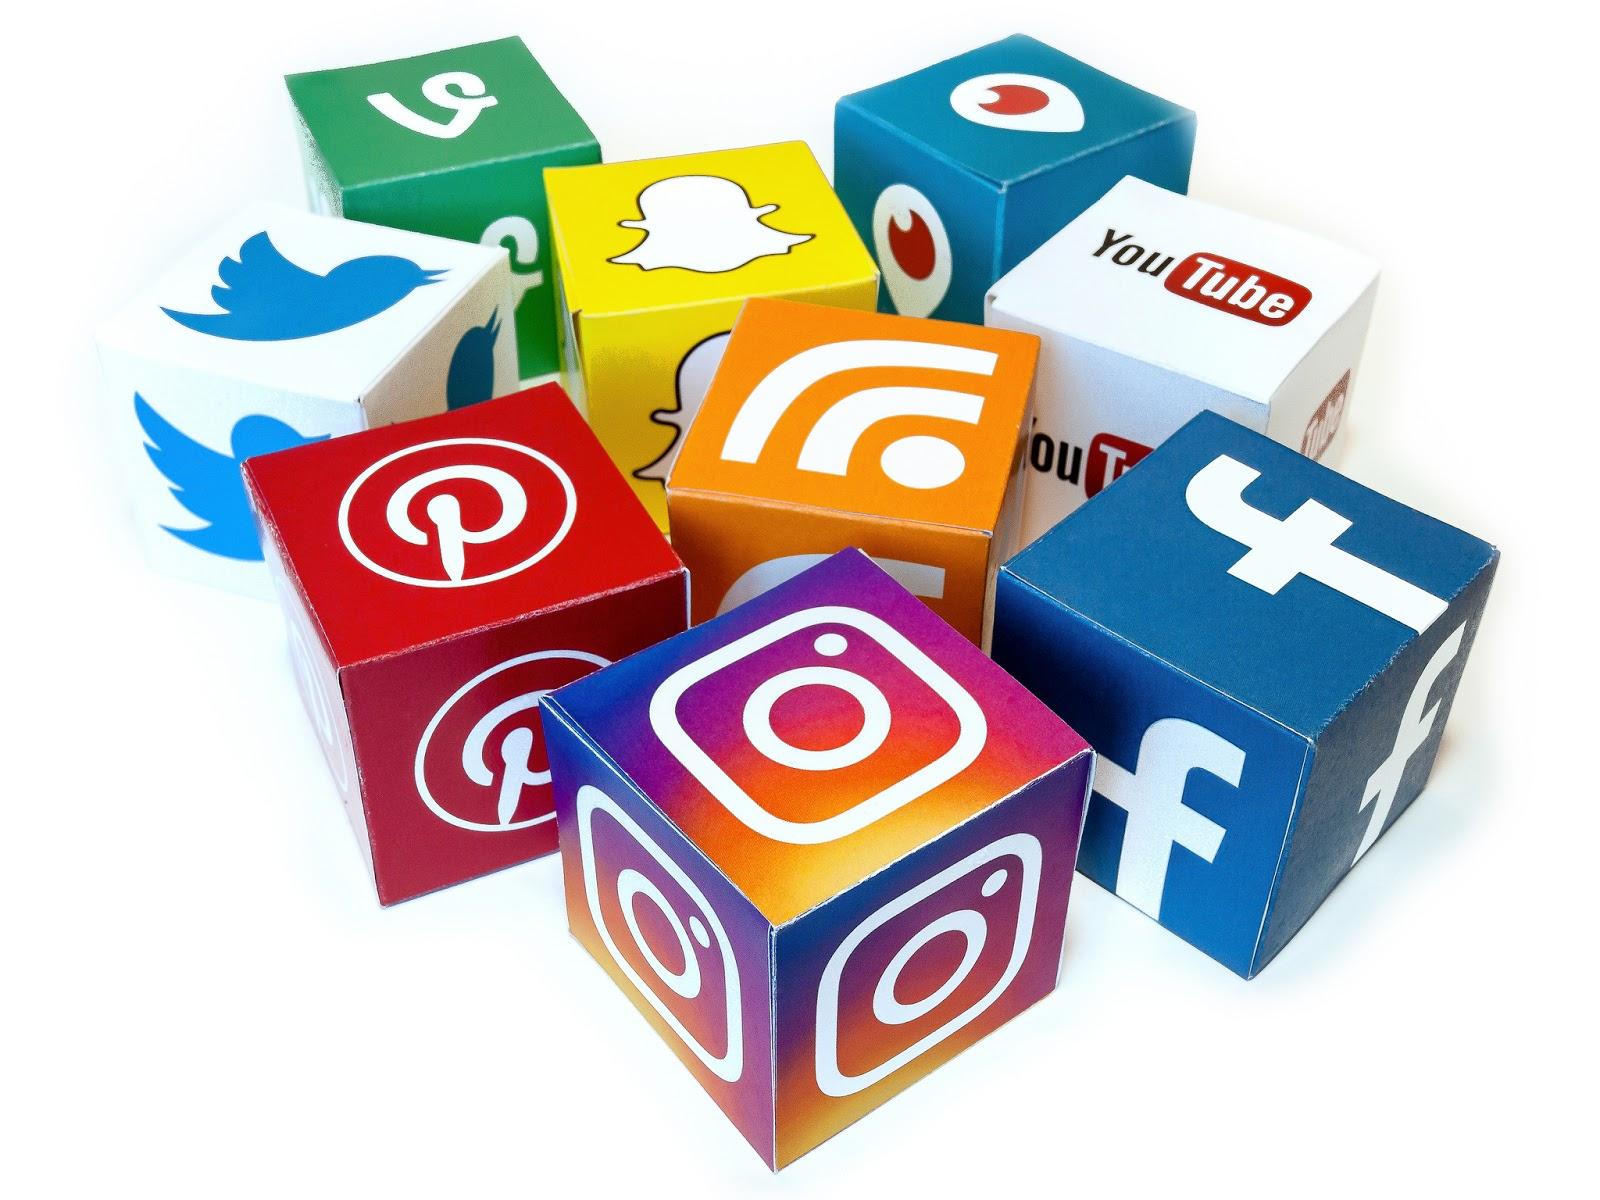 social media icons 2.jpg